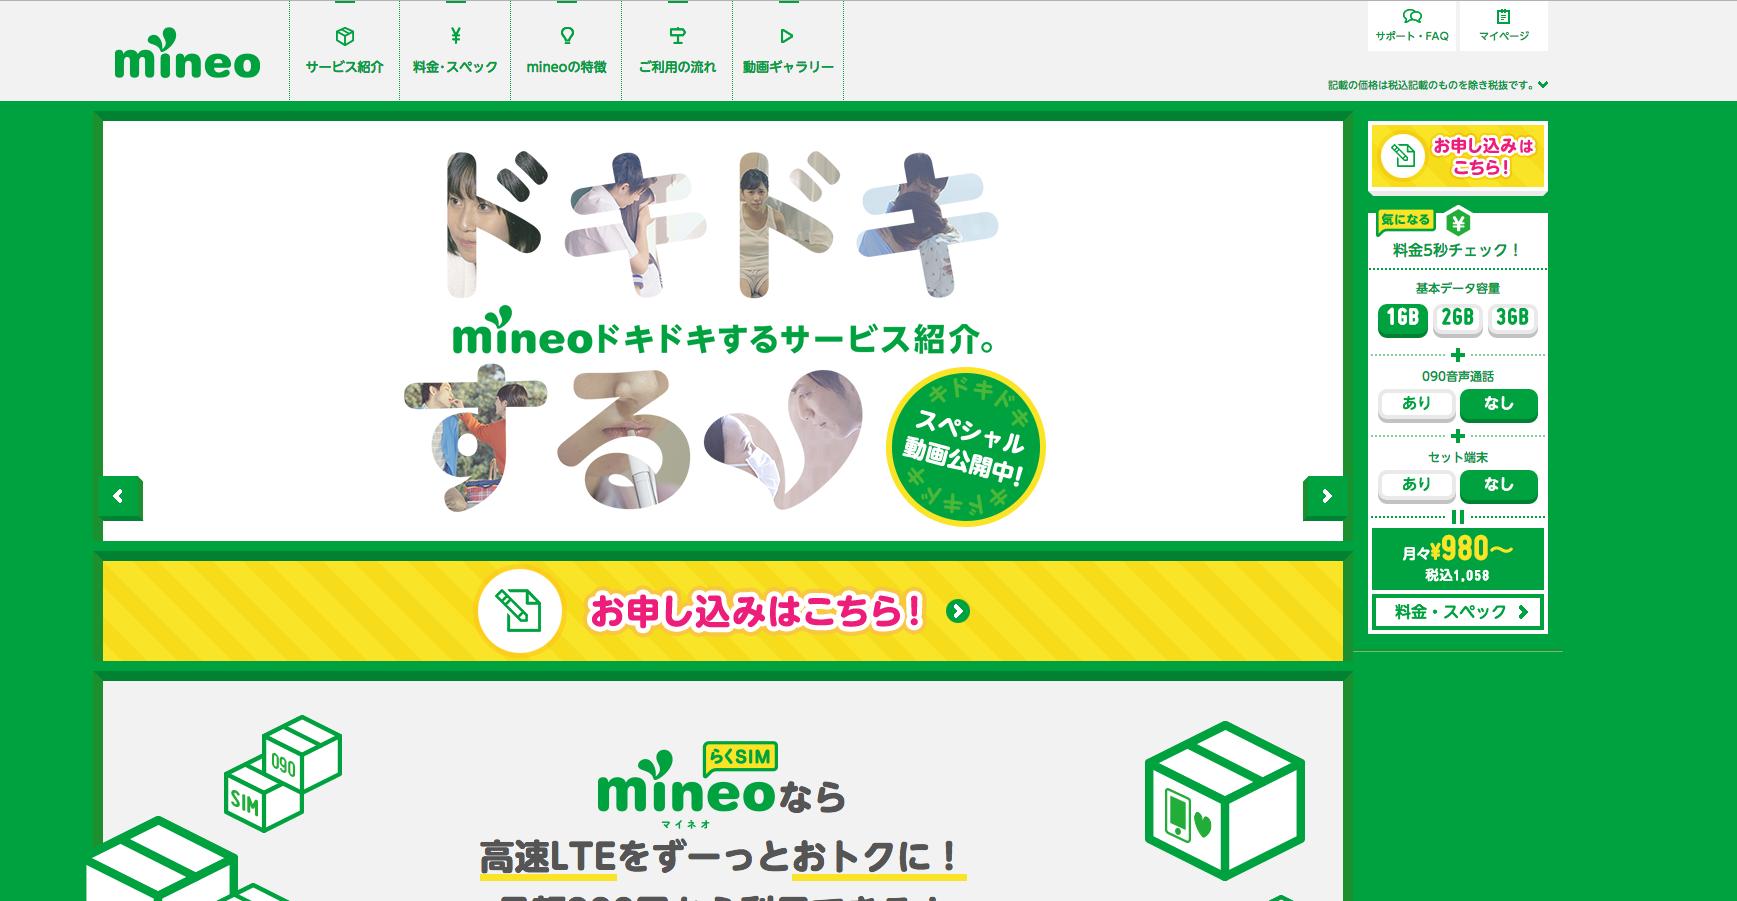 スクリーンショット 2014-12-07 11.42.43